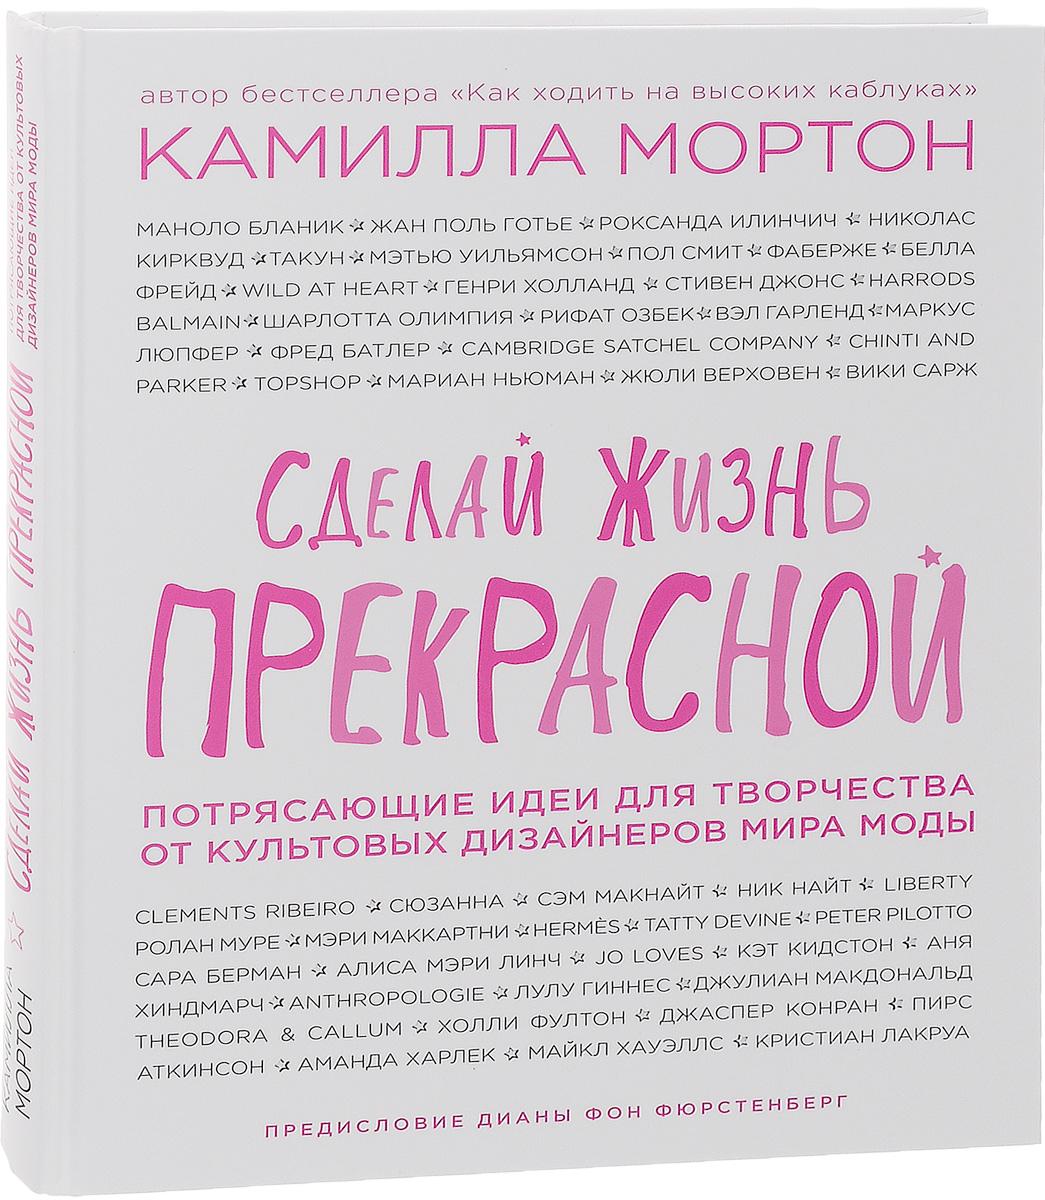 Zakazat.ru: Сделай жизнь прекрасной. Потрясающие идеи для творчества от культовых дизайнеров мира моды. Камилла Мортон